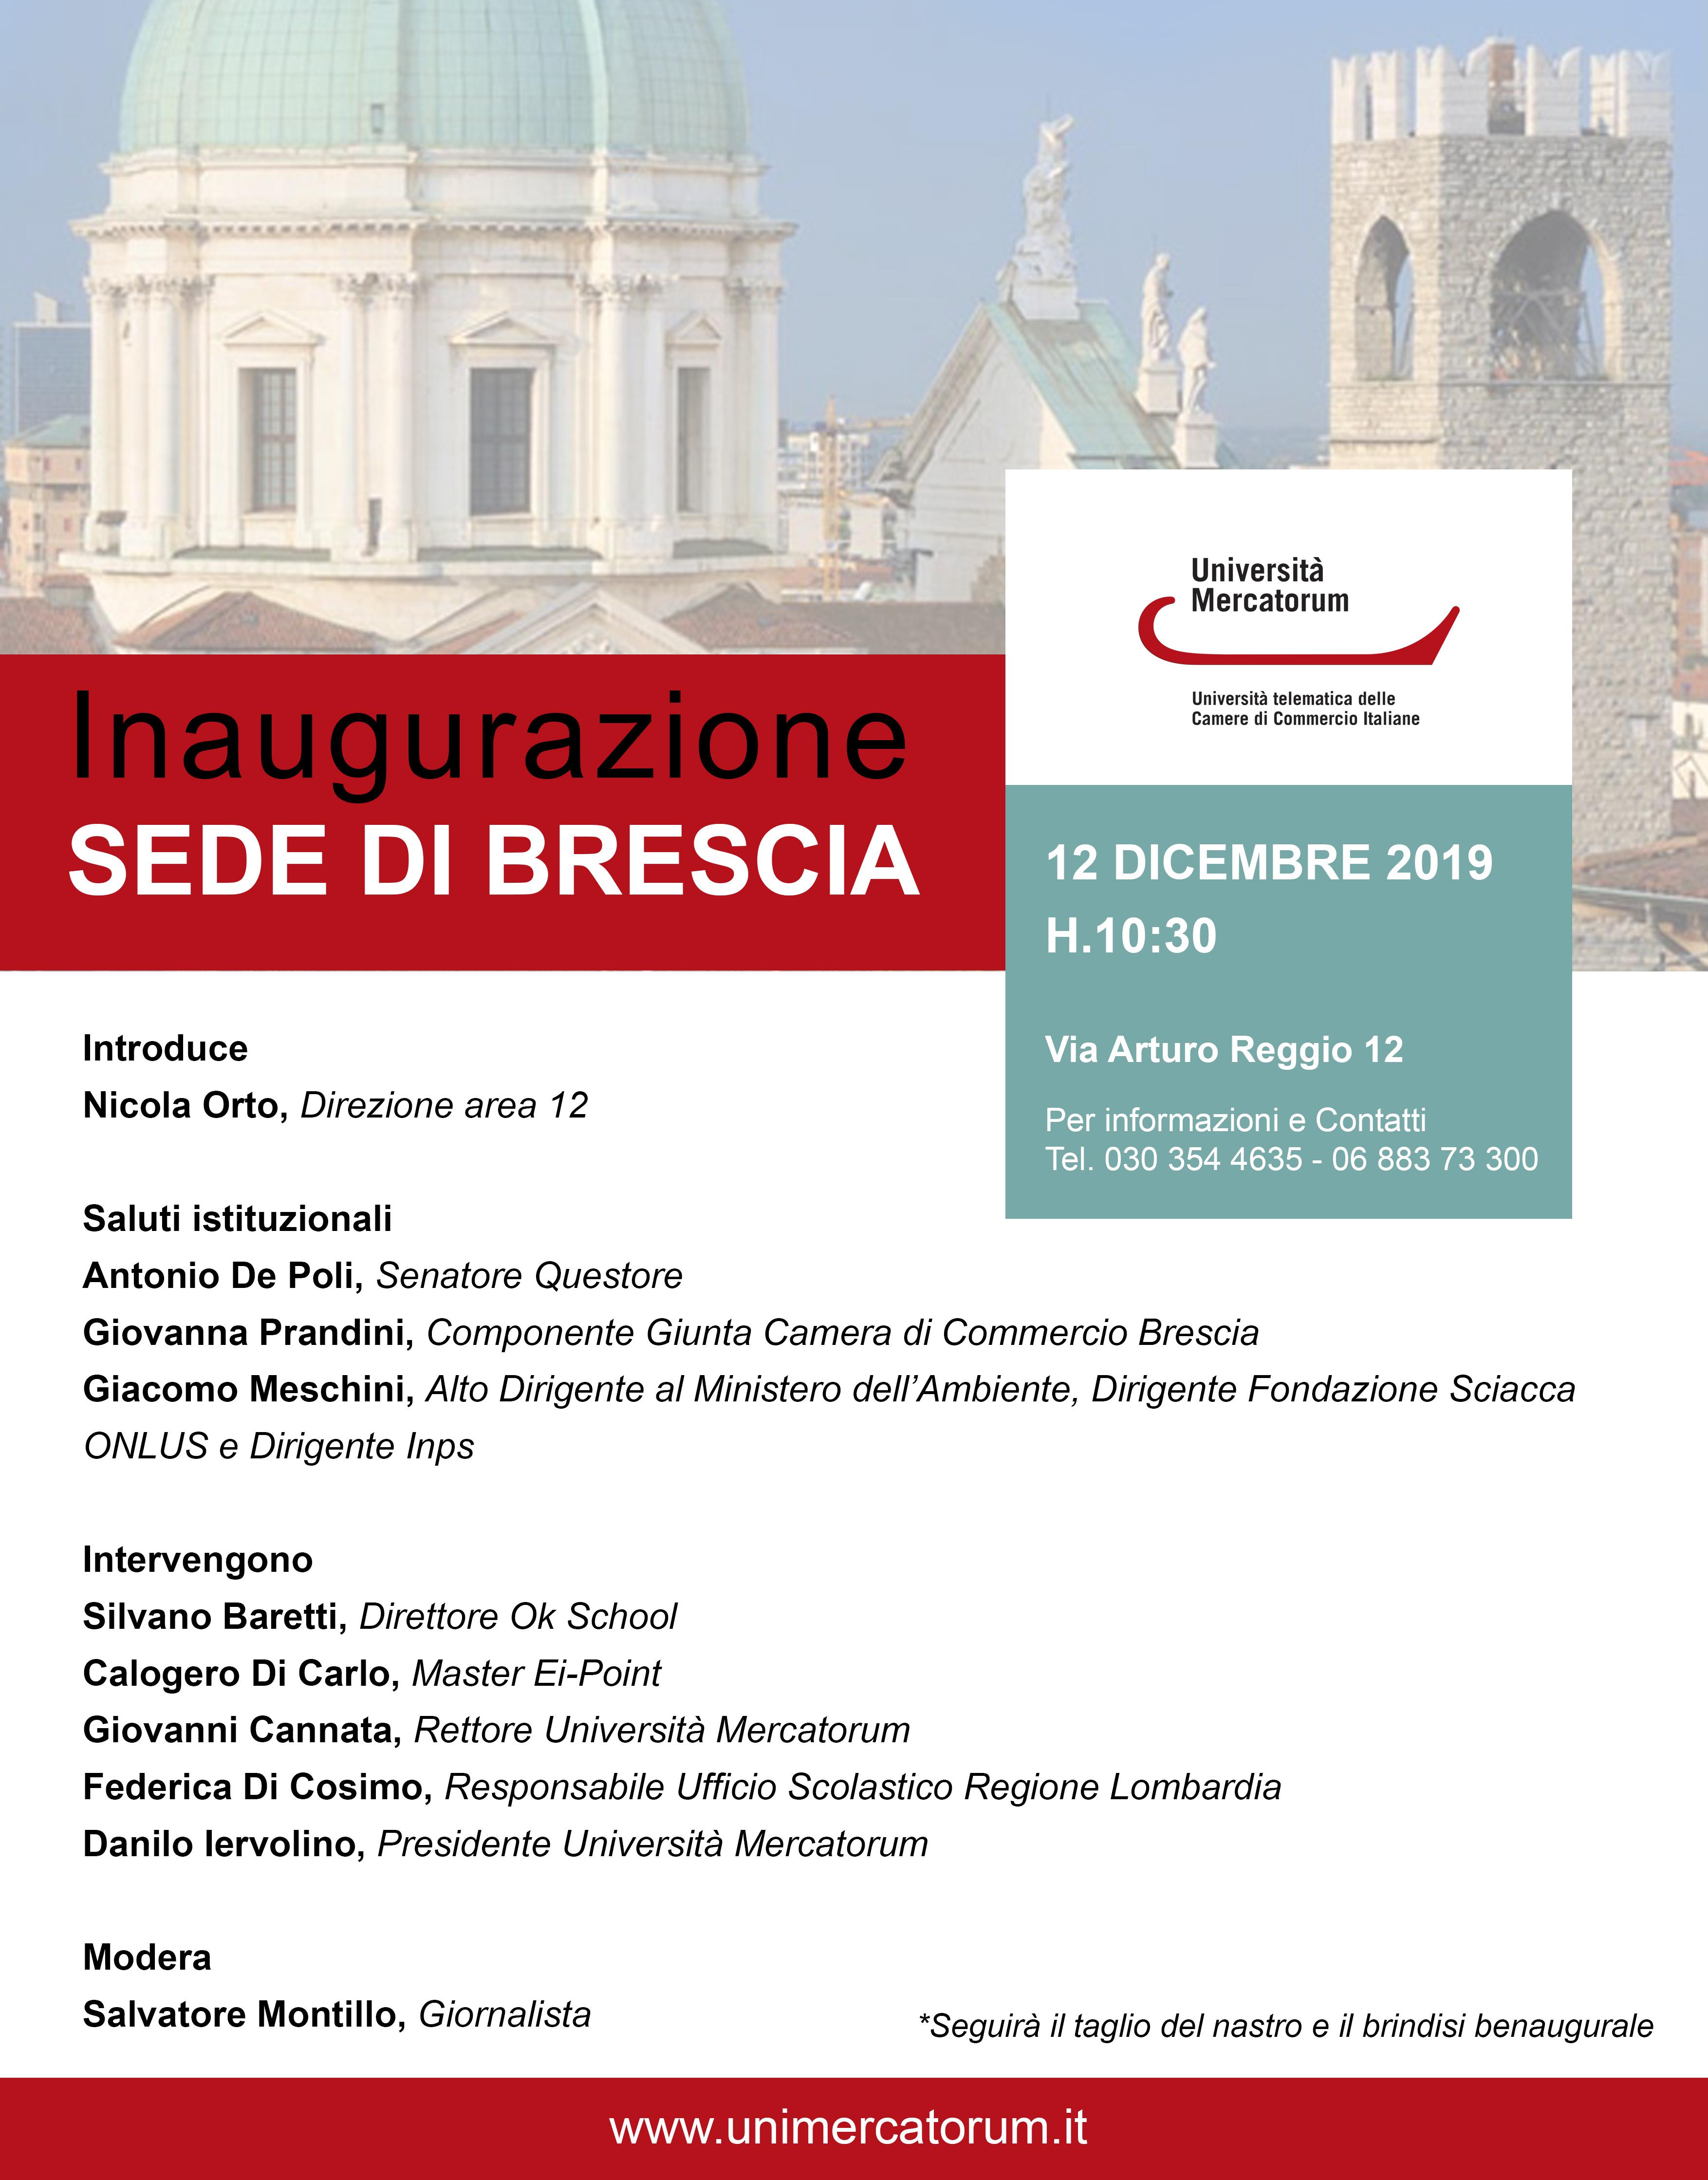 Inaugurazione nuova sede Mercatorum a Brescia ...